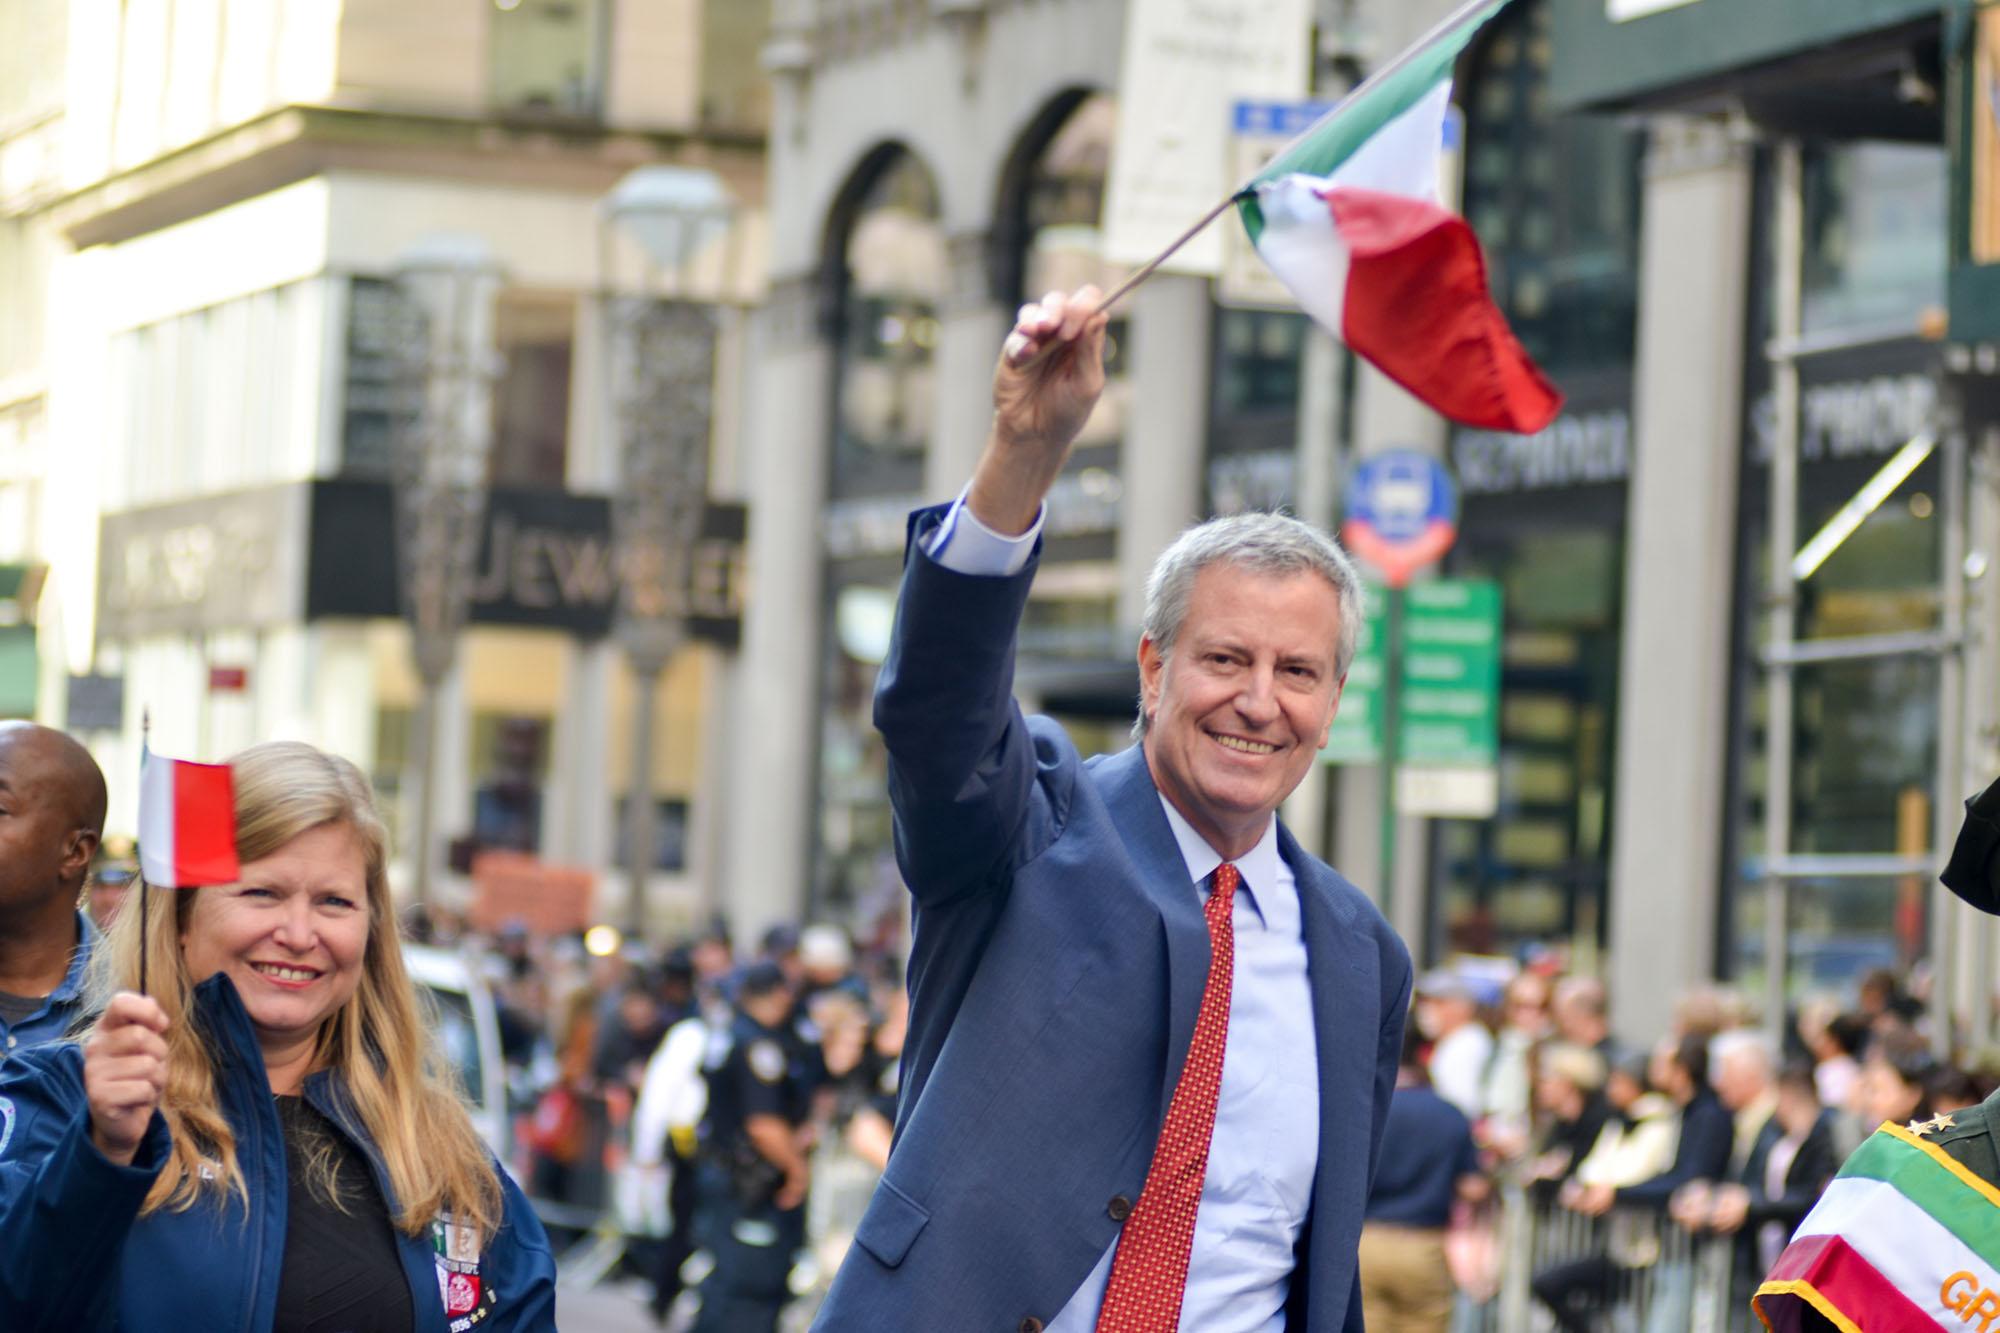 NYC Mayor gets jeered at 2021 Columbus Day Parade